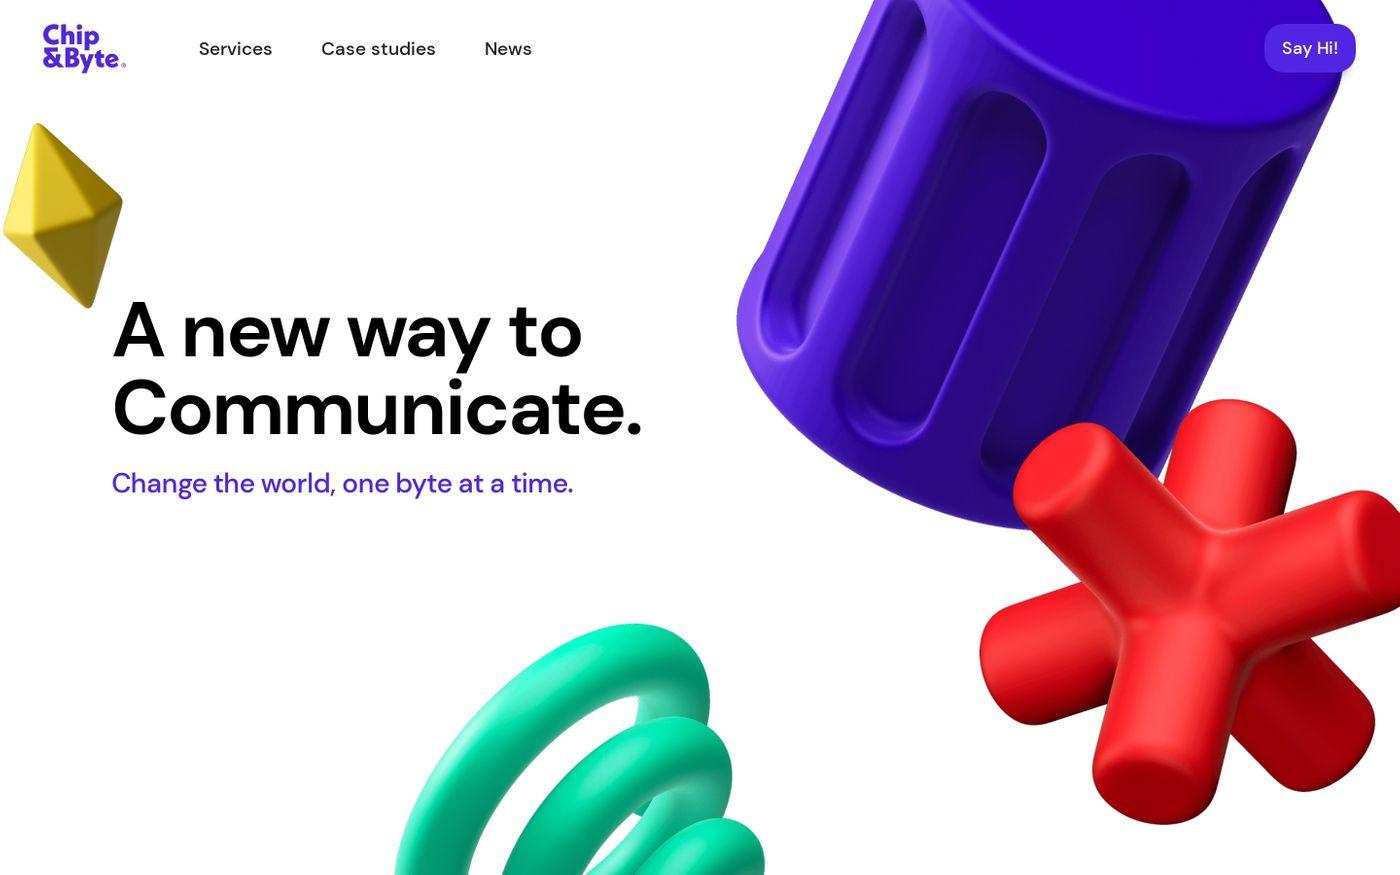 Screenshot of Chip&Byte website